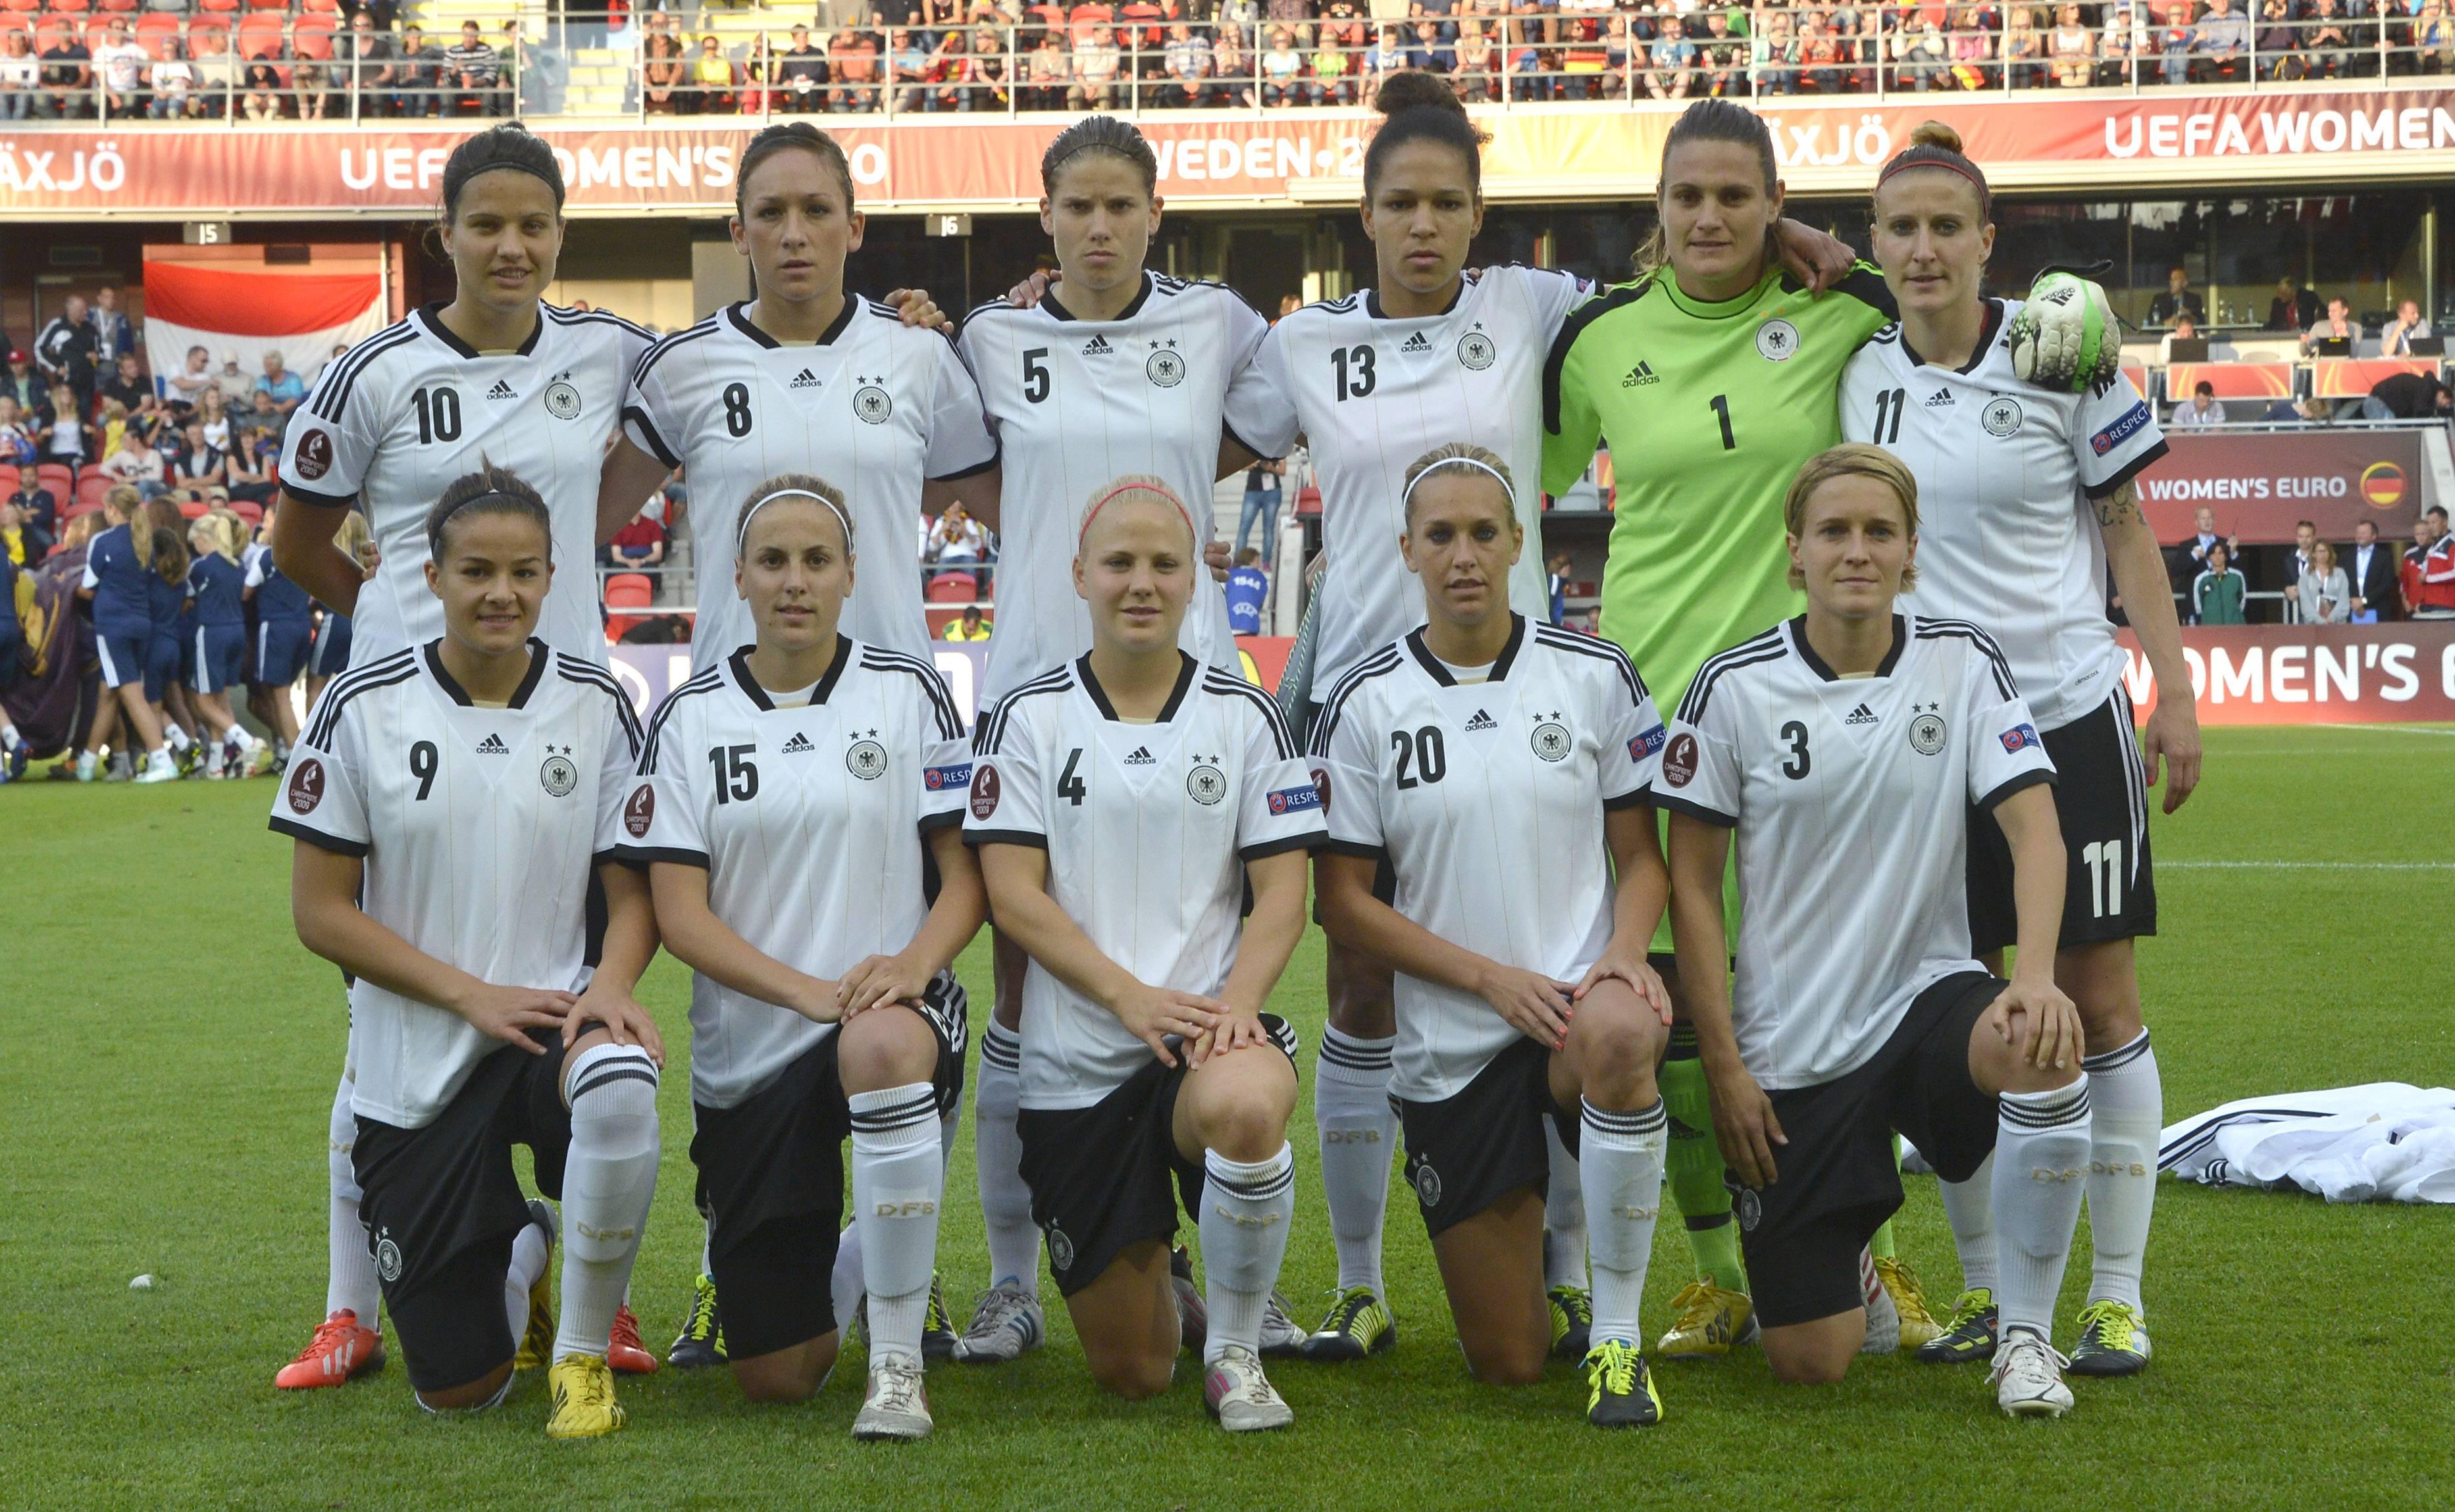 Fussball Frauen Starten Mit Unentschieden In Die Em Jugend